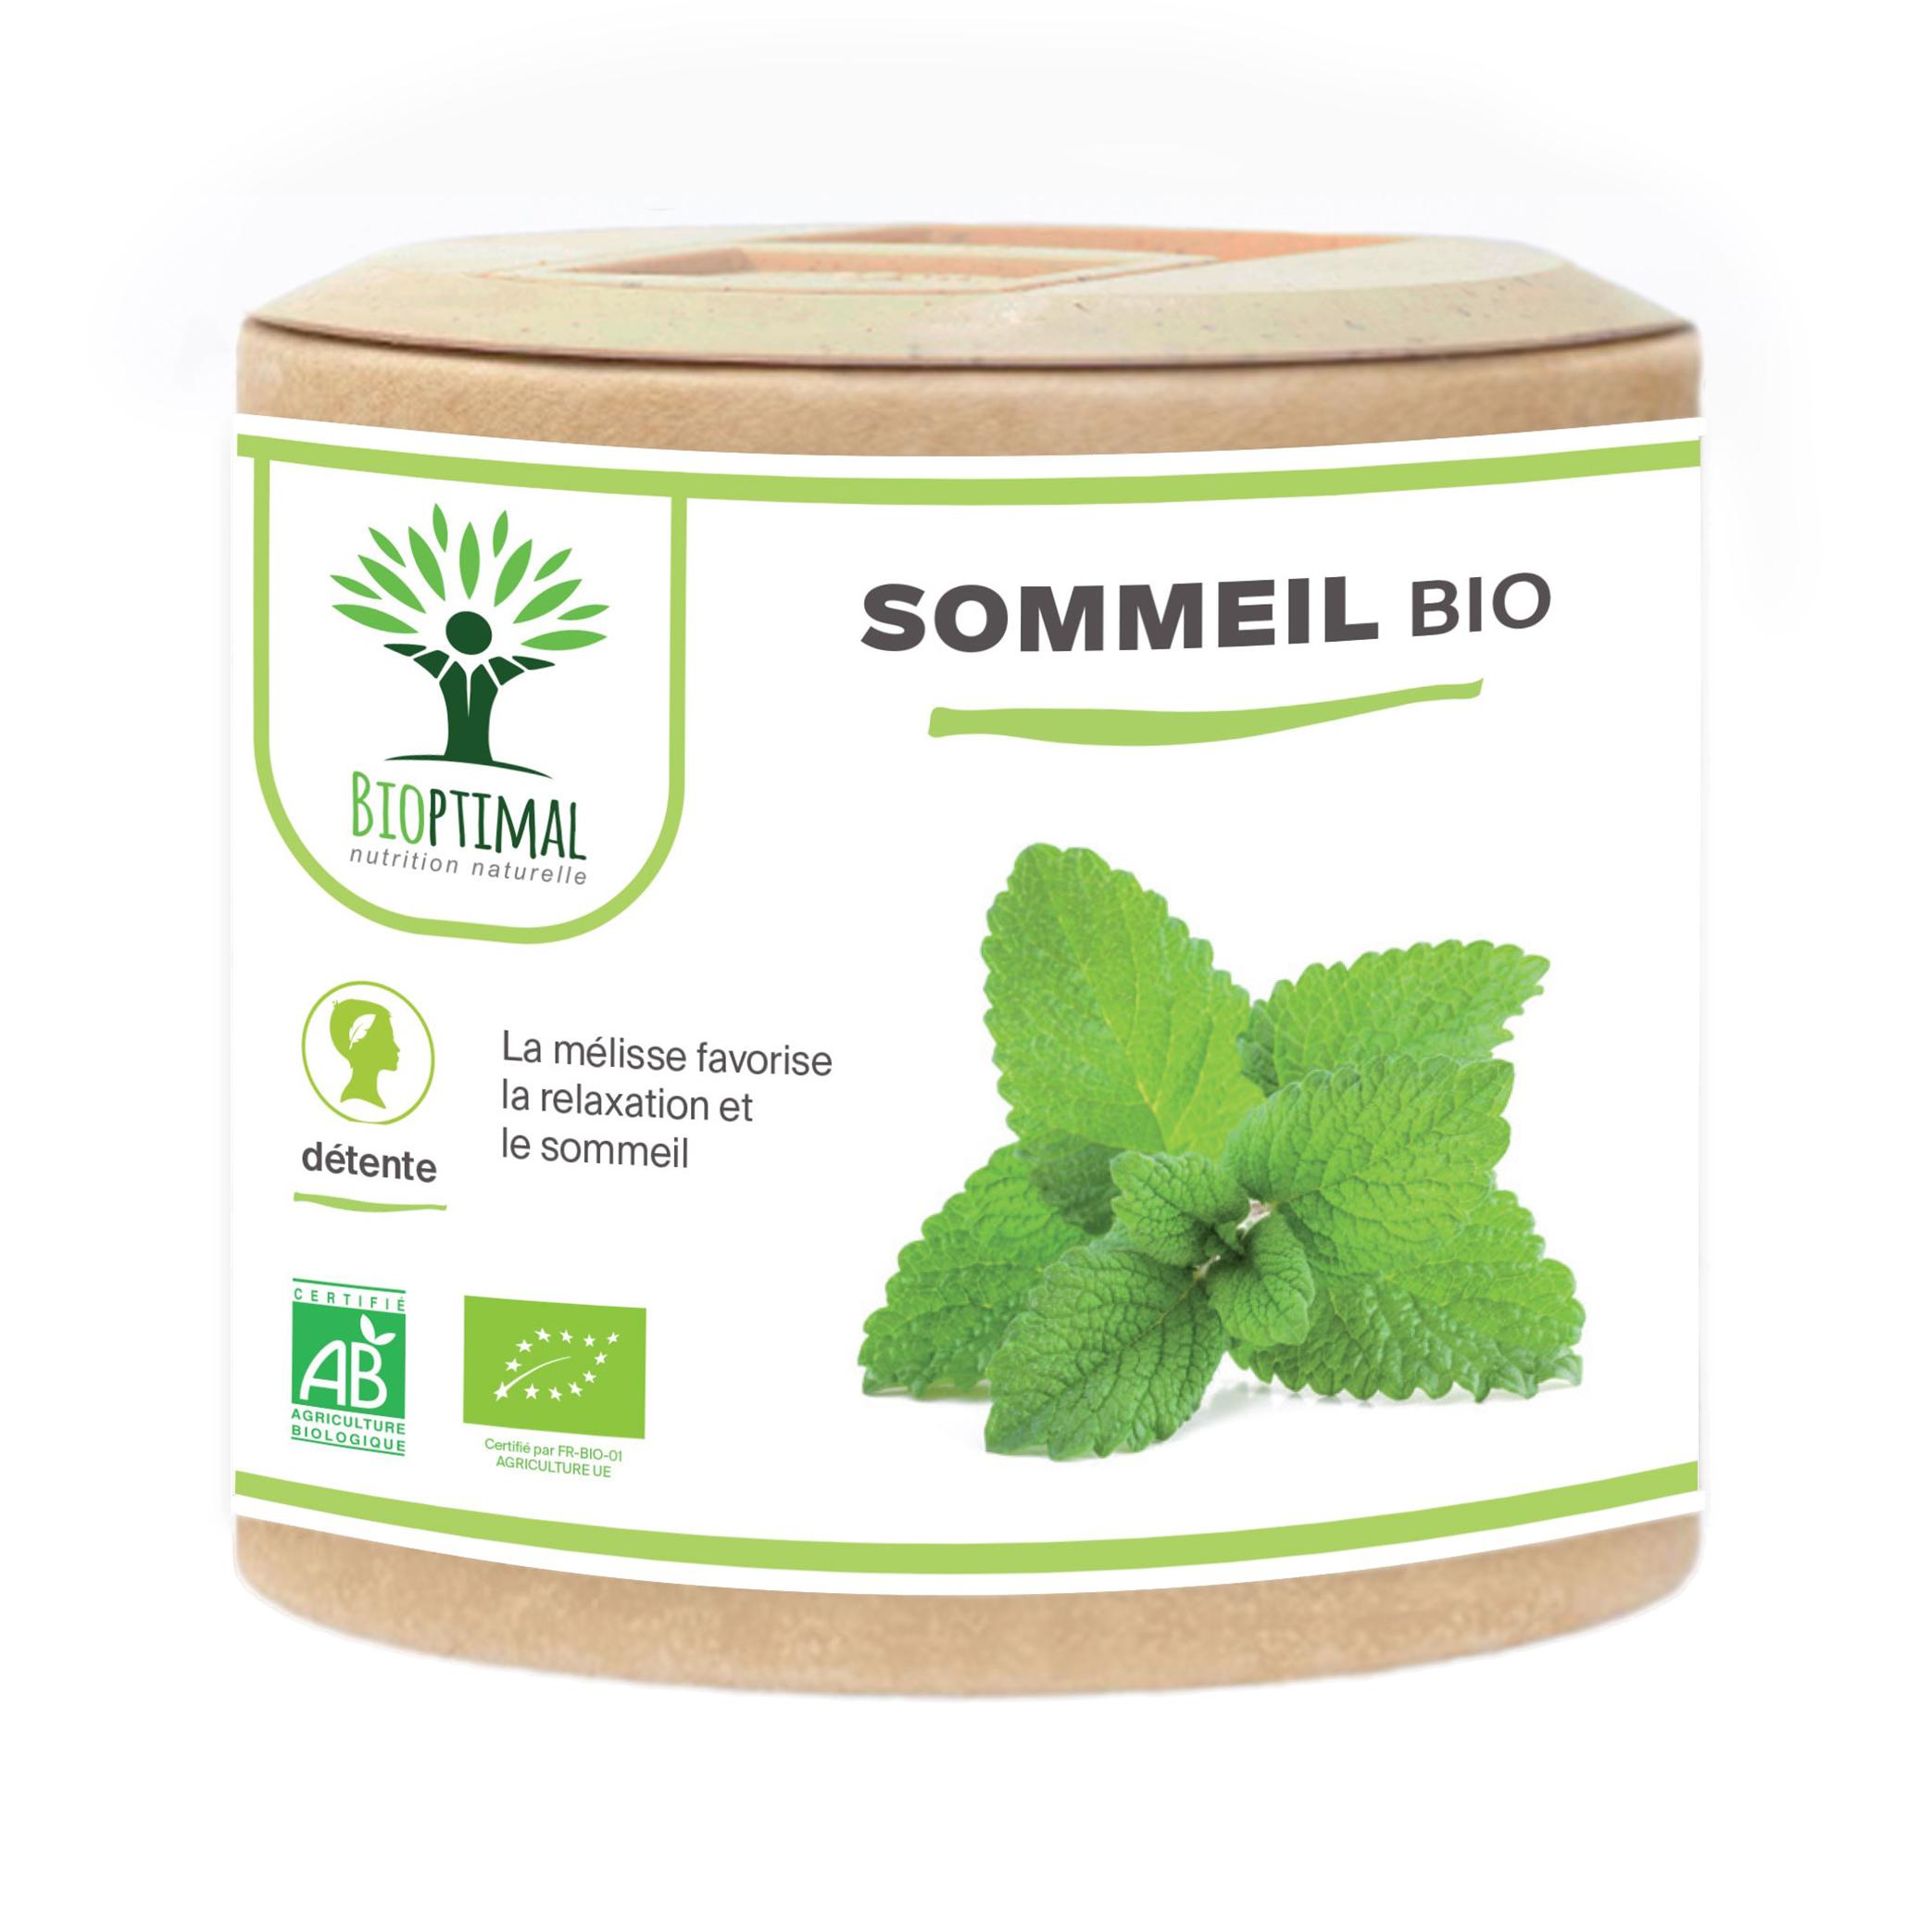 Bioptimal - Sommeil - Complément alimentaire - Dormir - Nuit - 60 gélules